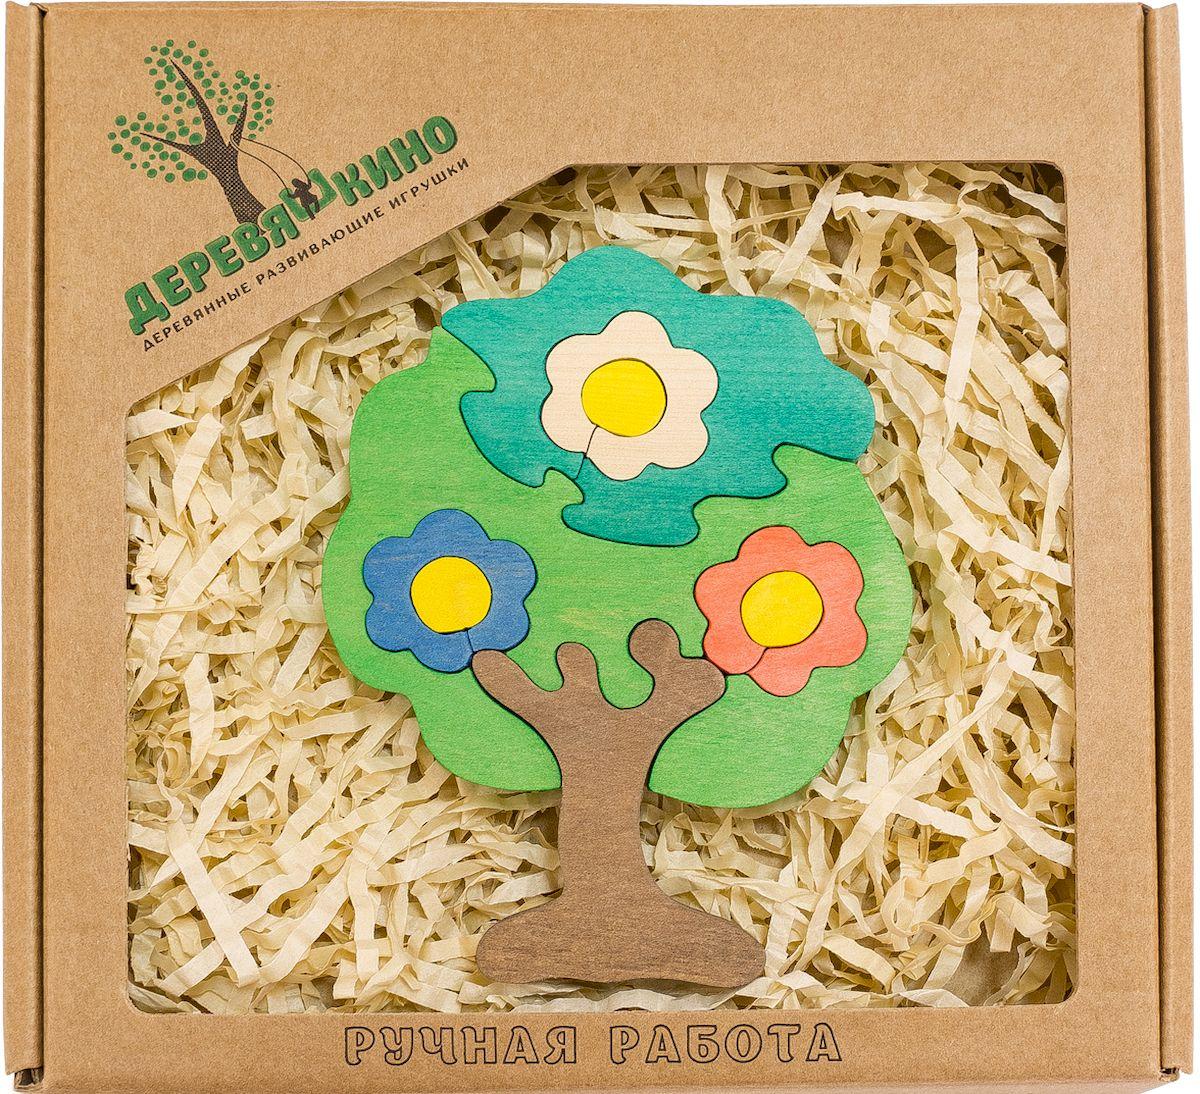 Деревяшкино Пазл для малышей Дерево в цветах582Развивающая деревянная головоломка Дерево в цветах (средней степени сложности) подходит для мальчиков и девочек в возрасте 3-5лет, состоит из 9 деталей. Экологически чистый продукт: изготовлено вручную из массива березы. Игрушка раскрашена пищевой водостойкой краской, что делает взаимодействие с изделием абсолютно безопасным: никаких лаков, «химии» или добавок. Процесс сборки деревянной головоломки развивает: тактильную сенсорику, внимательность, усидчивость, пространственное мышление, мелкую моторику, а так же учит различать элементы по цвету, форме и размеру. С продукцией компании Деревяшкино, Ваши детки развиваются, играя без риска для здоровья.